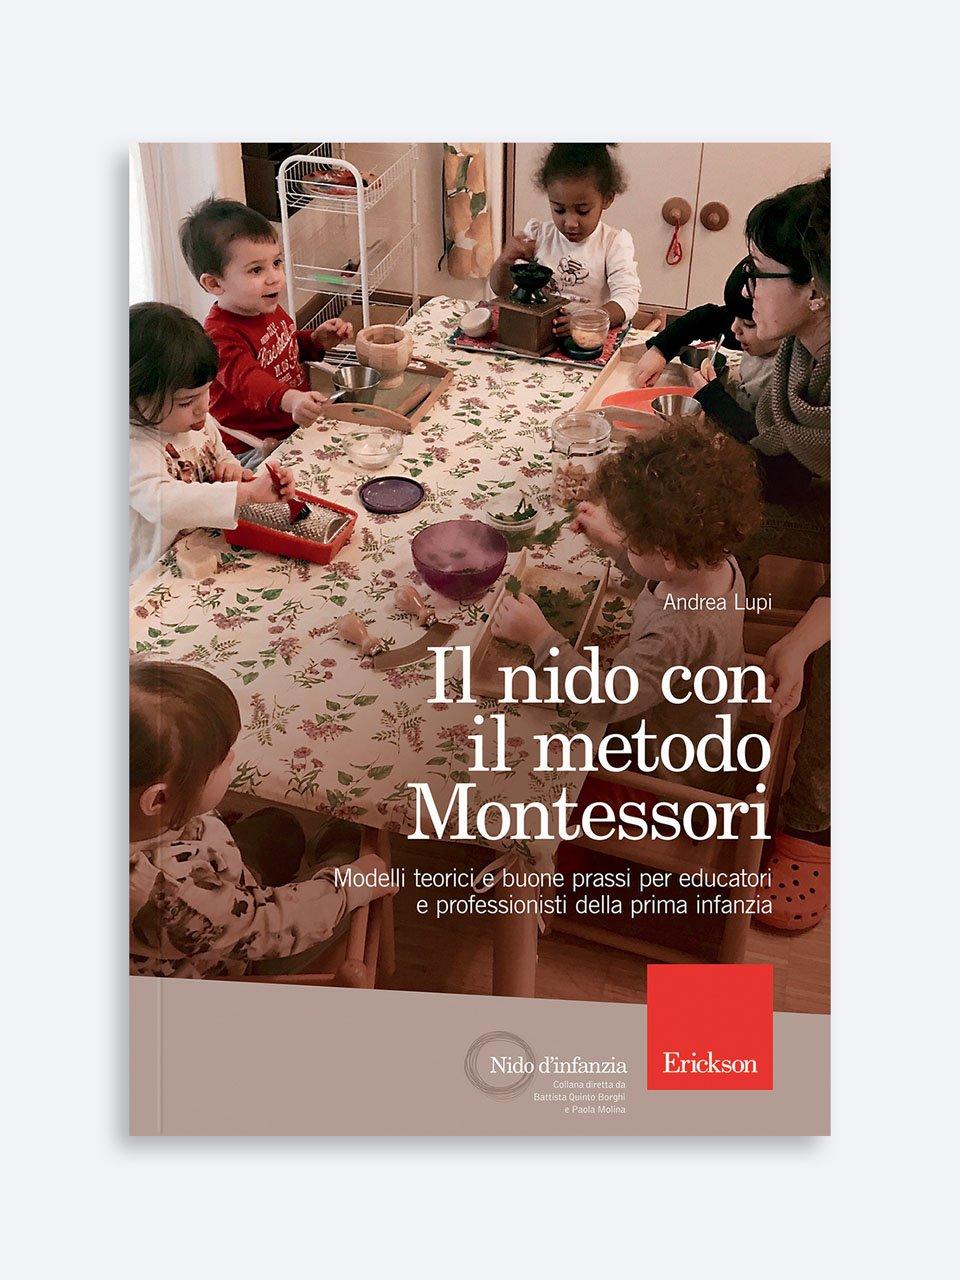 Il nido con il metodo Montessori - Educatore / Coordinatore asilo nido - Erickson